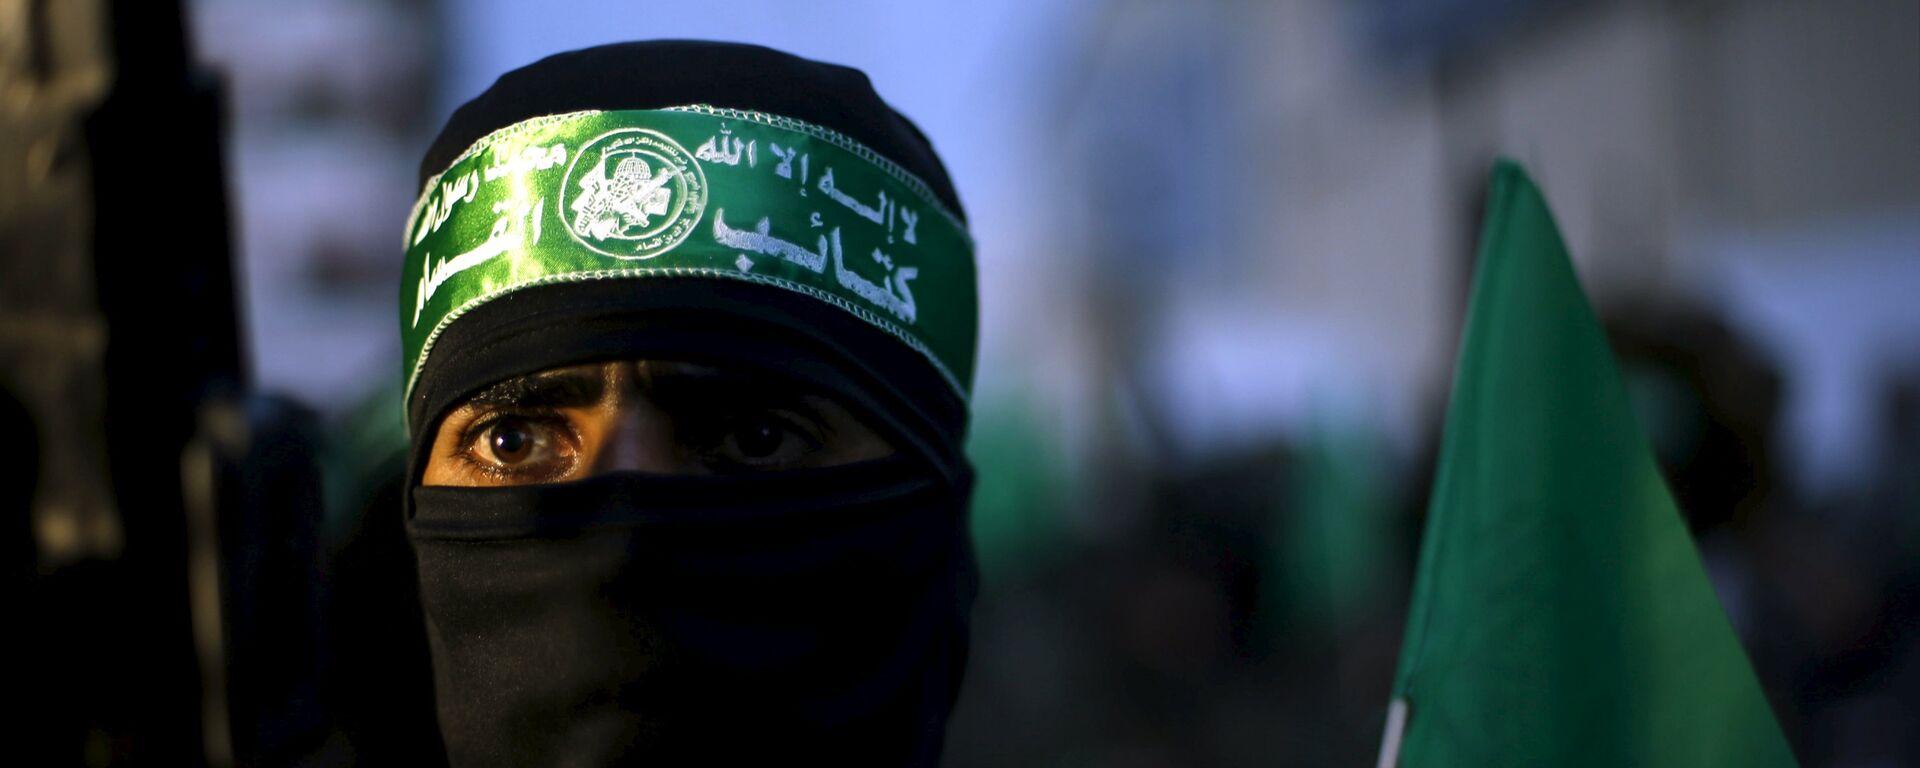 Militante del movimiento Hamás - Sputnik Mundo, 1920, 29.06.2021